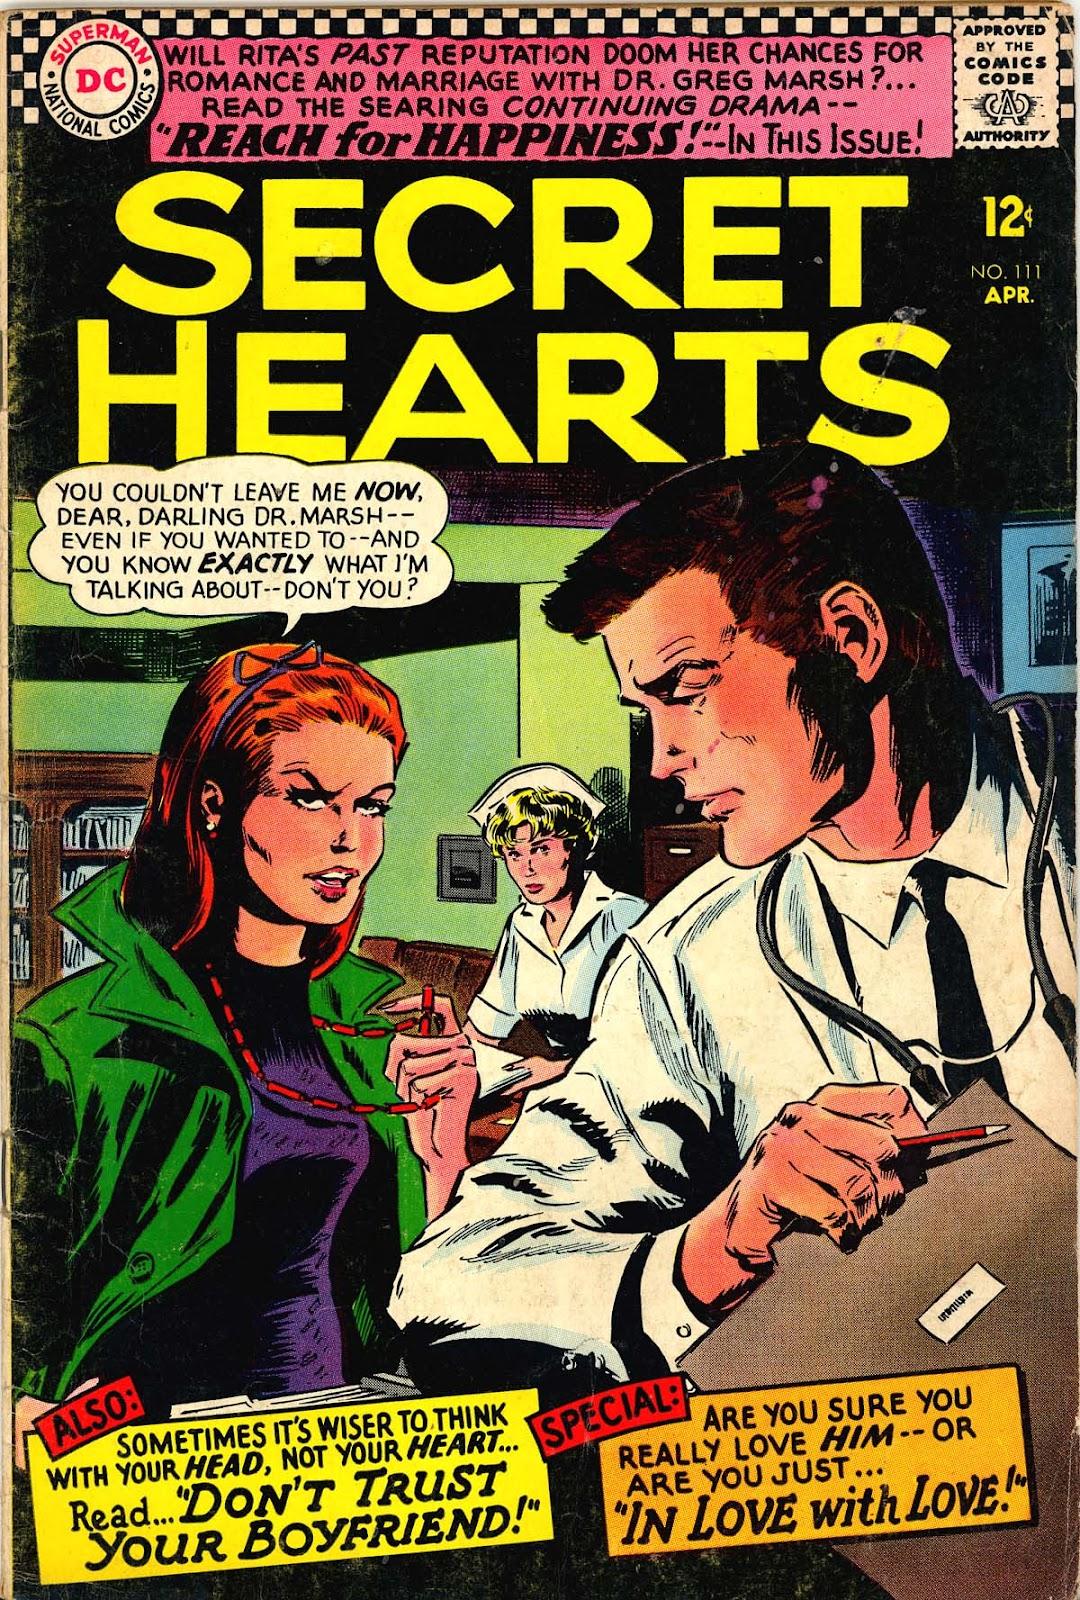 Secret Hearts 111 Page 1